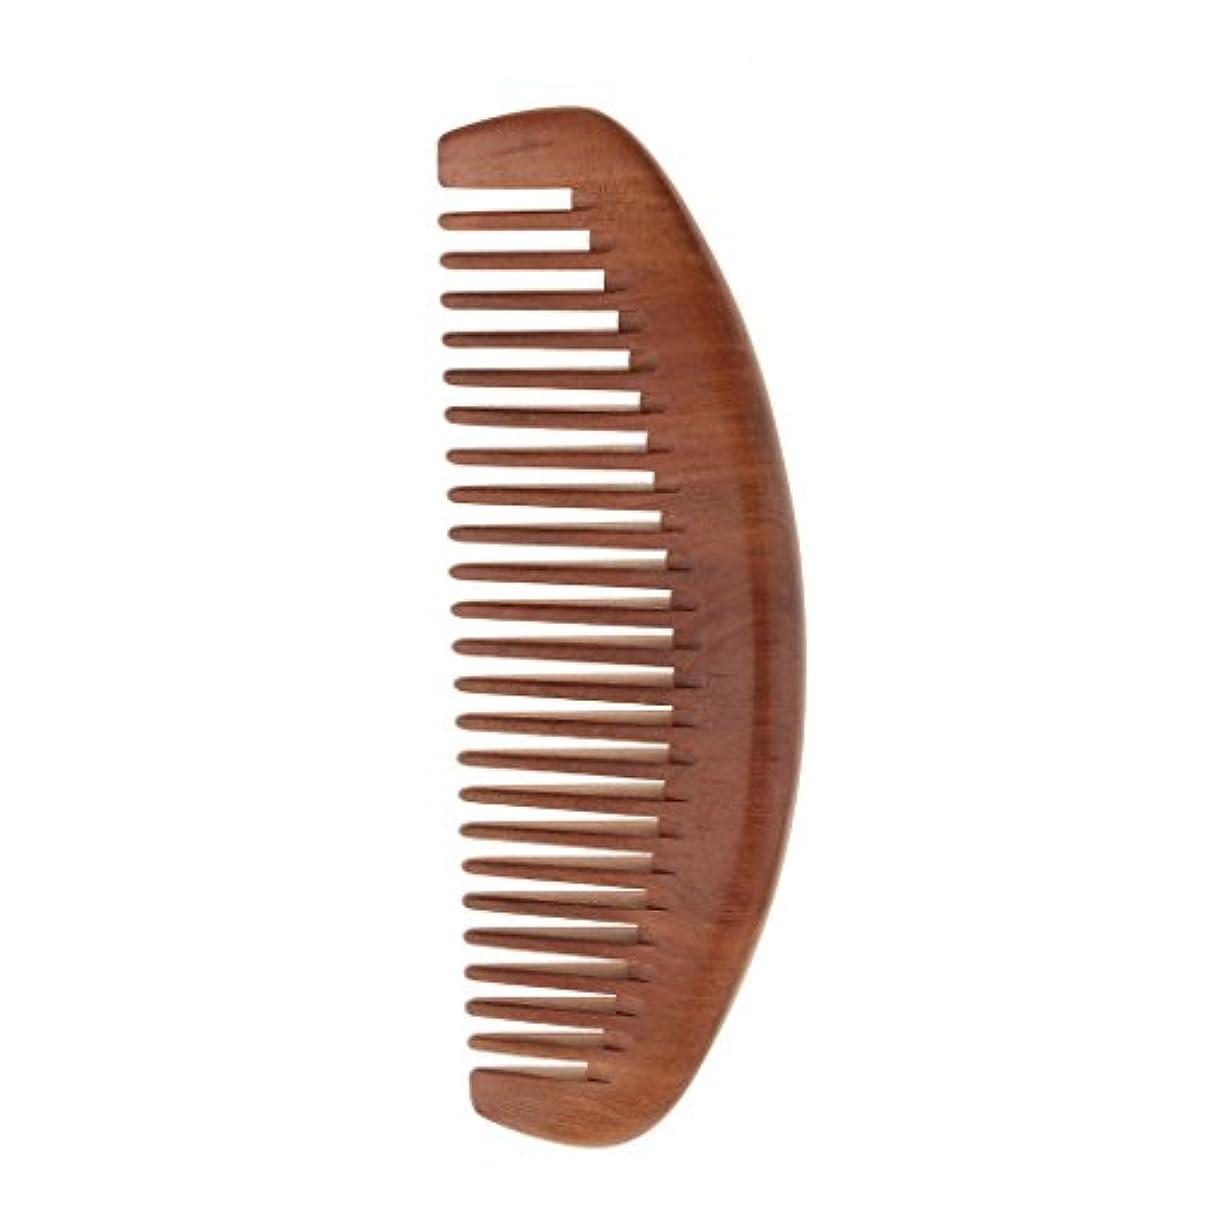 重力トリプル神経障害DYNWAVE 櫛 セットコーム 木製 ヘアコーム ヘアケア 頭皮マッサージ 静電気防止 桃の木 全2種類 - ワイド歯